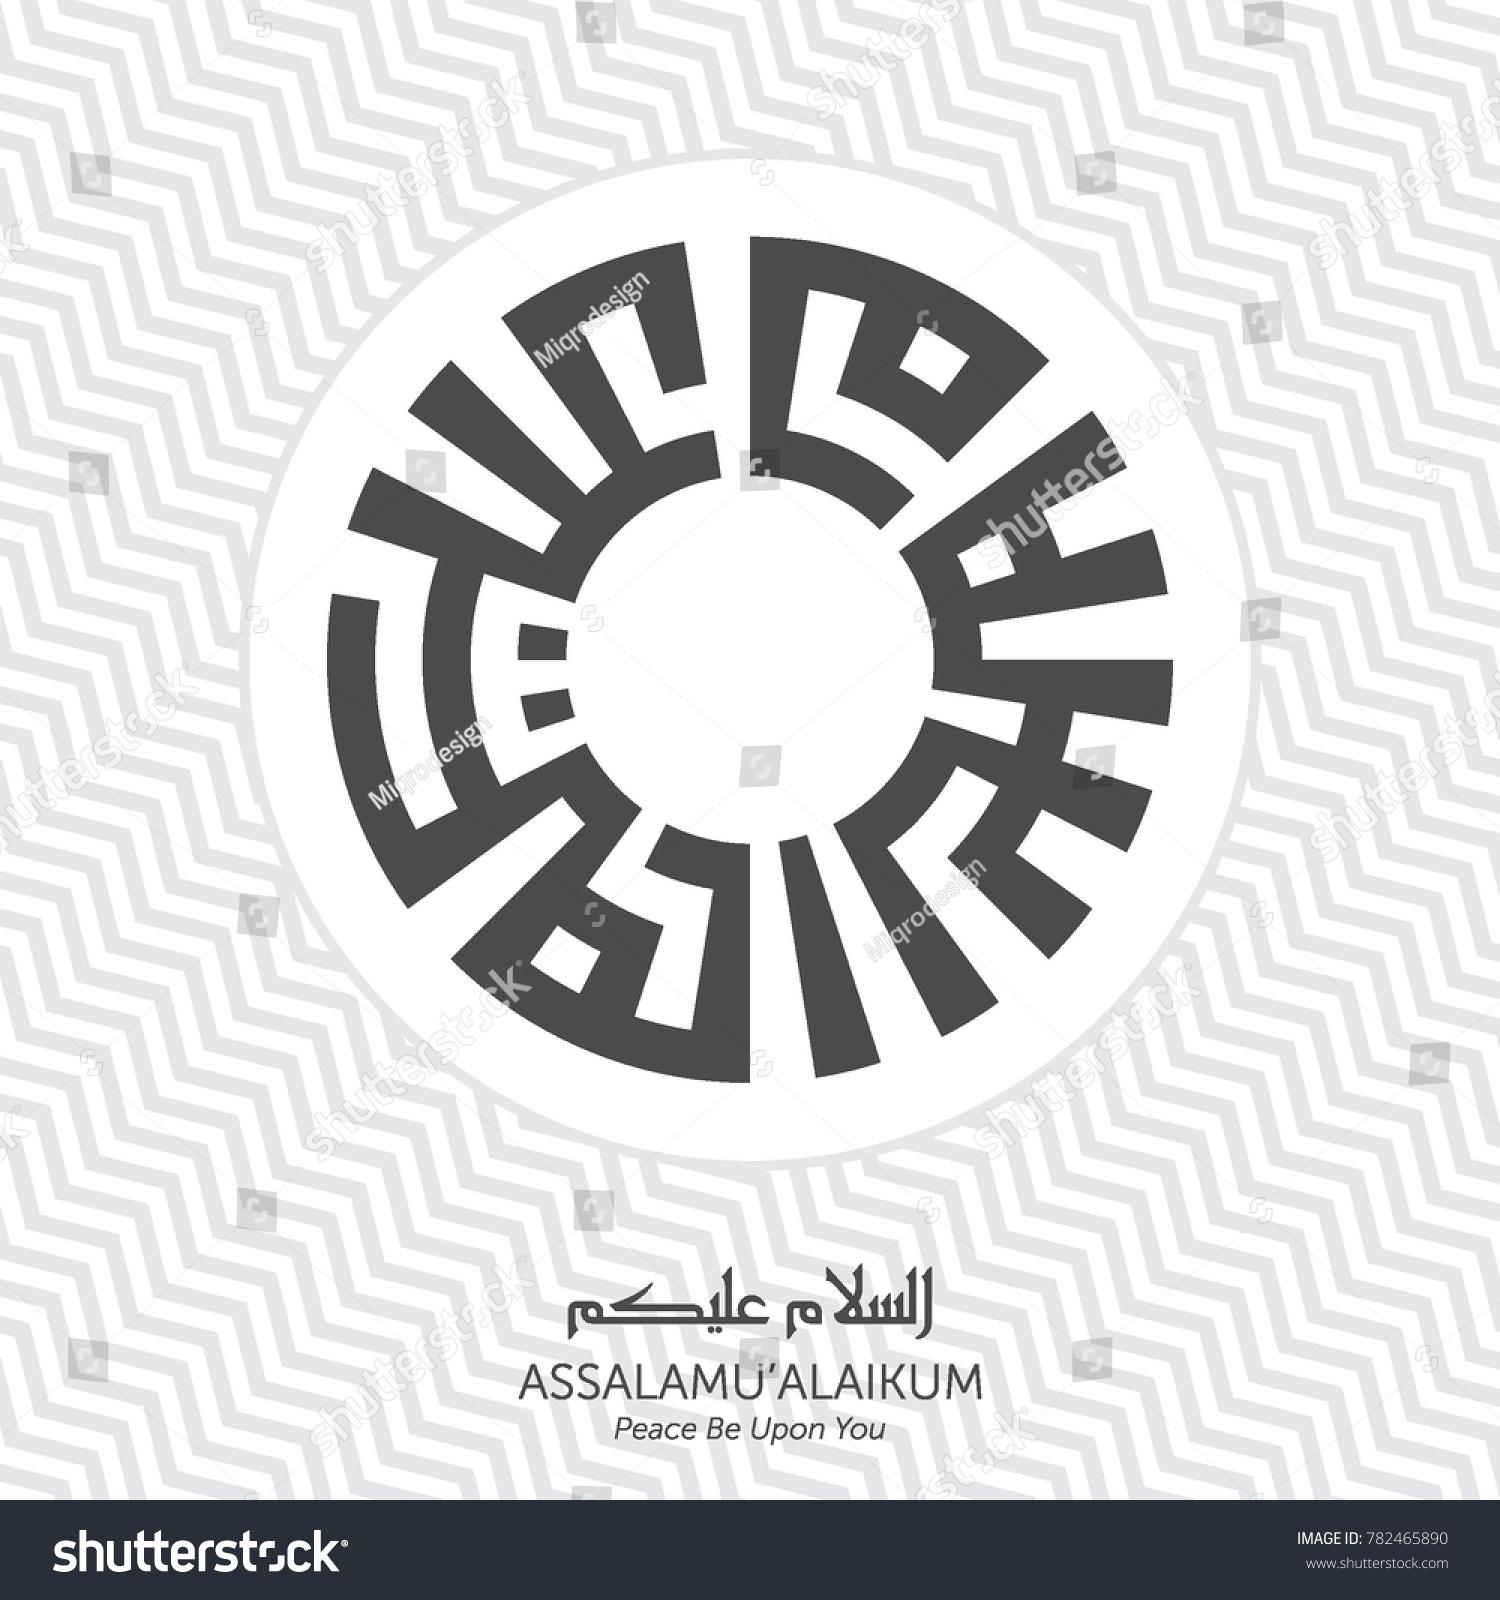 Circle Kufic Calligraphy Assalamualaikum Peace Be Vector De